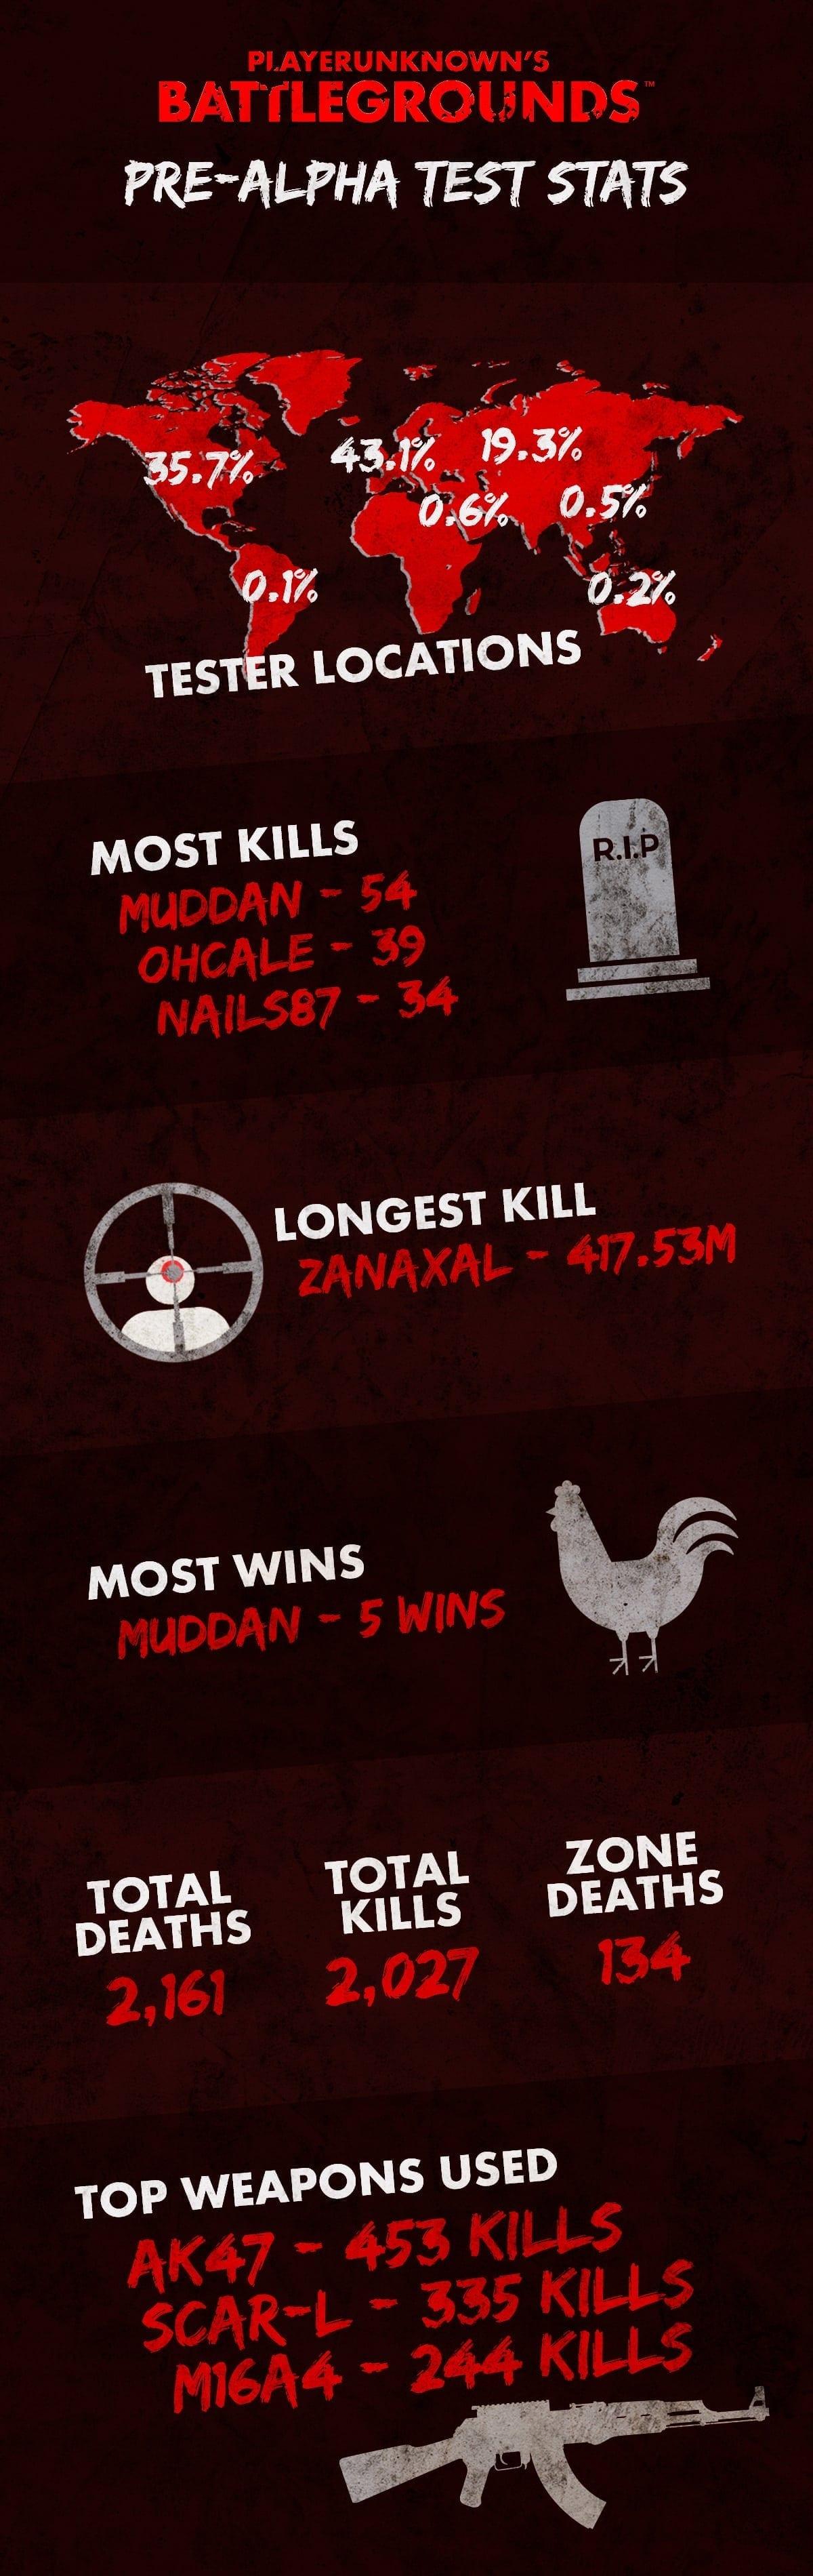 Playerunknown's Battlegrounds - Pre-Alpha stats